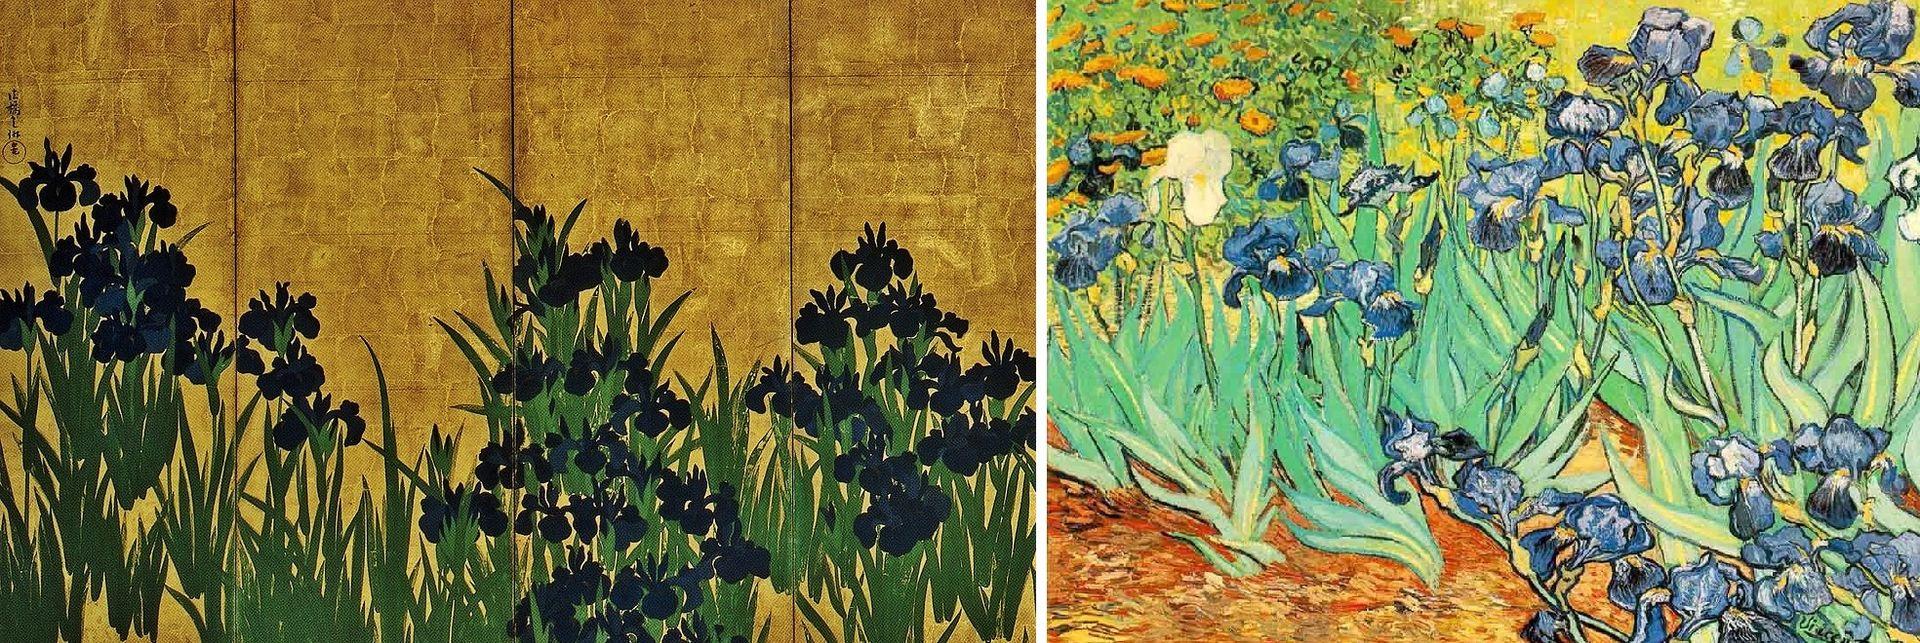 Matilde Asensi De Verdad Nadie Sabia Que Van Gogh Copiaba Como Un